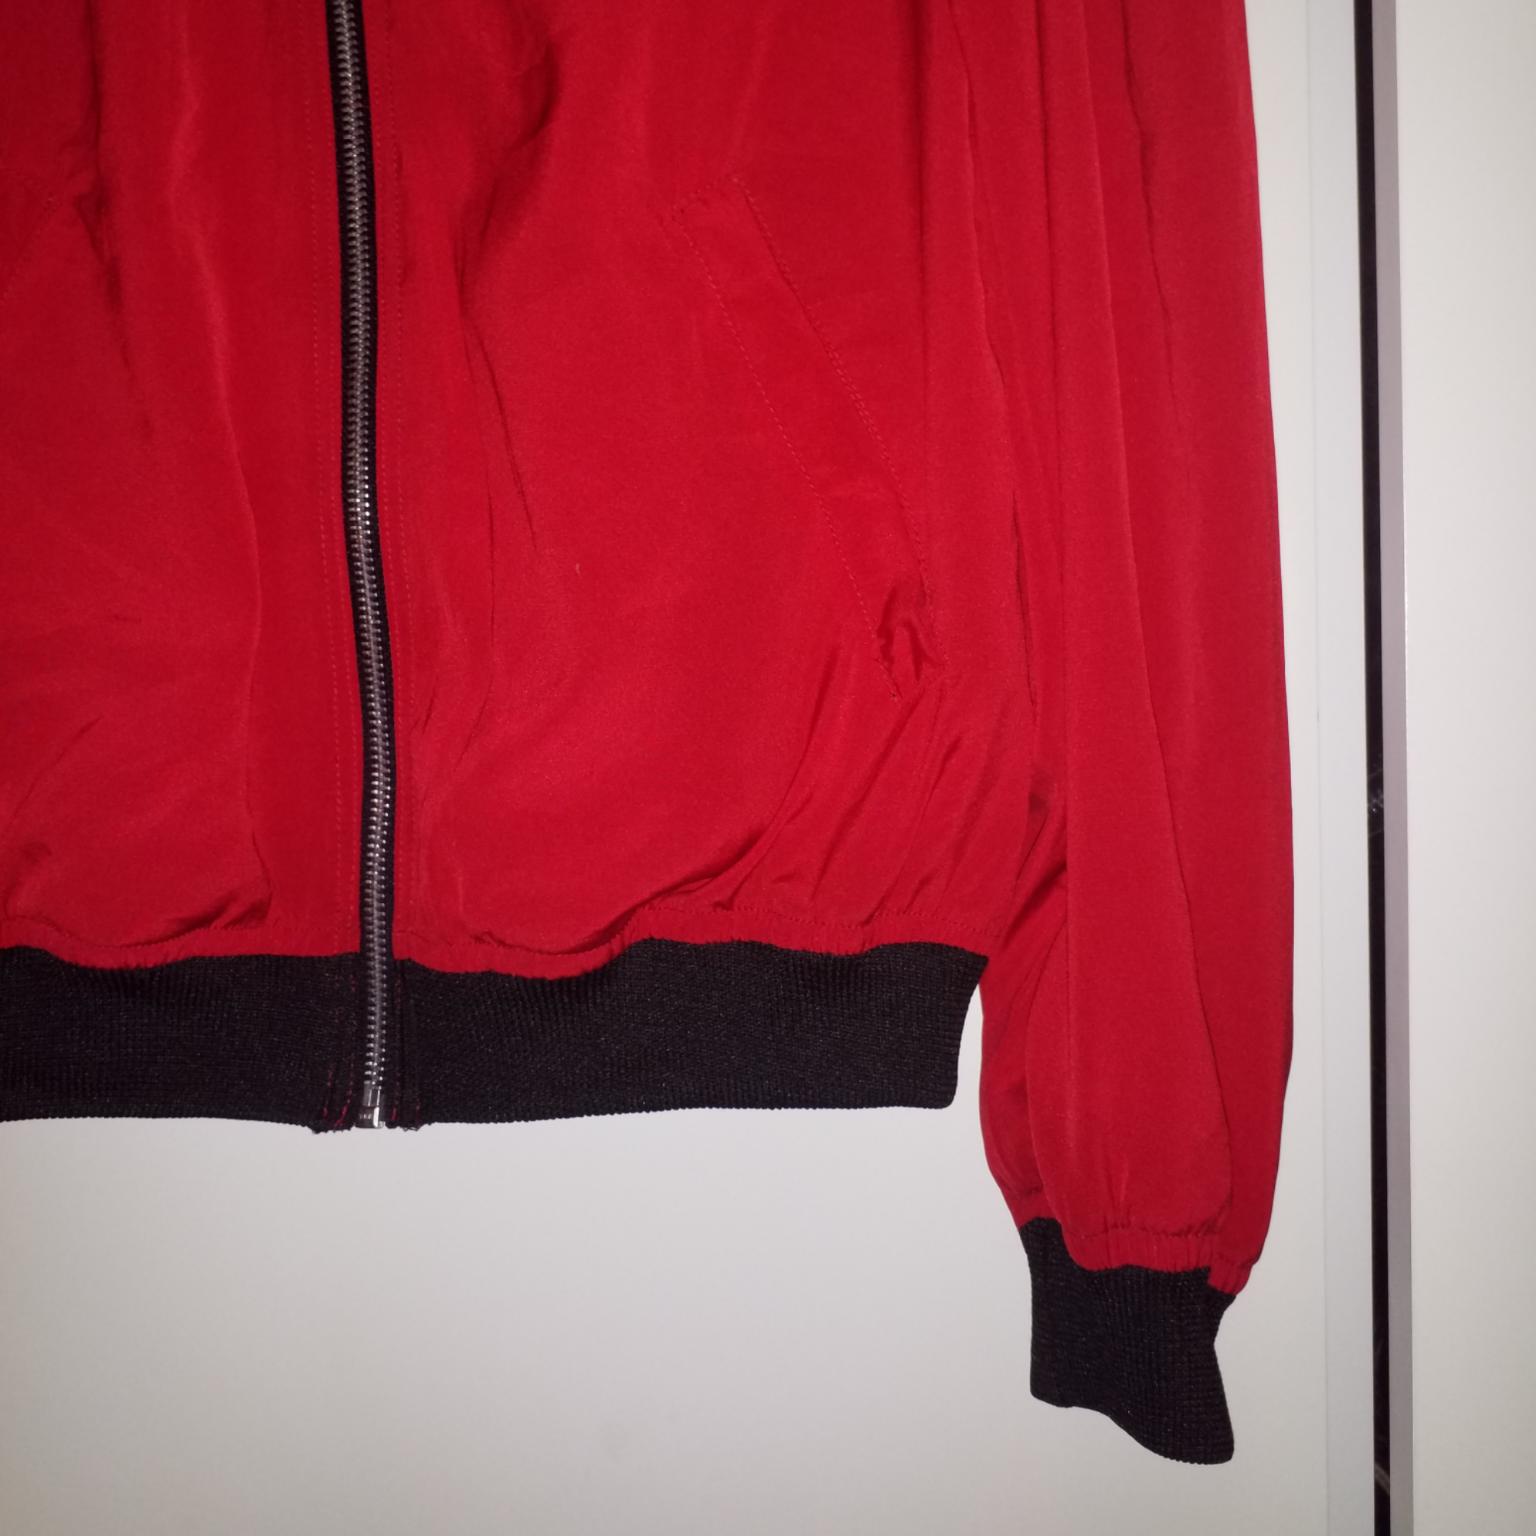 Tunn jacka/kofta i rött lite glansigt material med muddar, från Beyond Retro. Tröjor & Koftor.